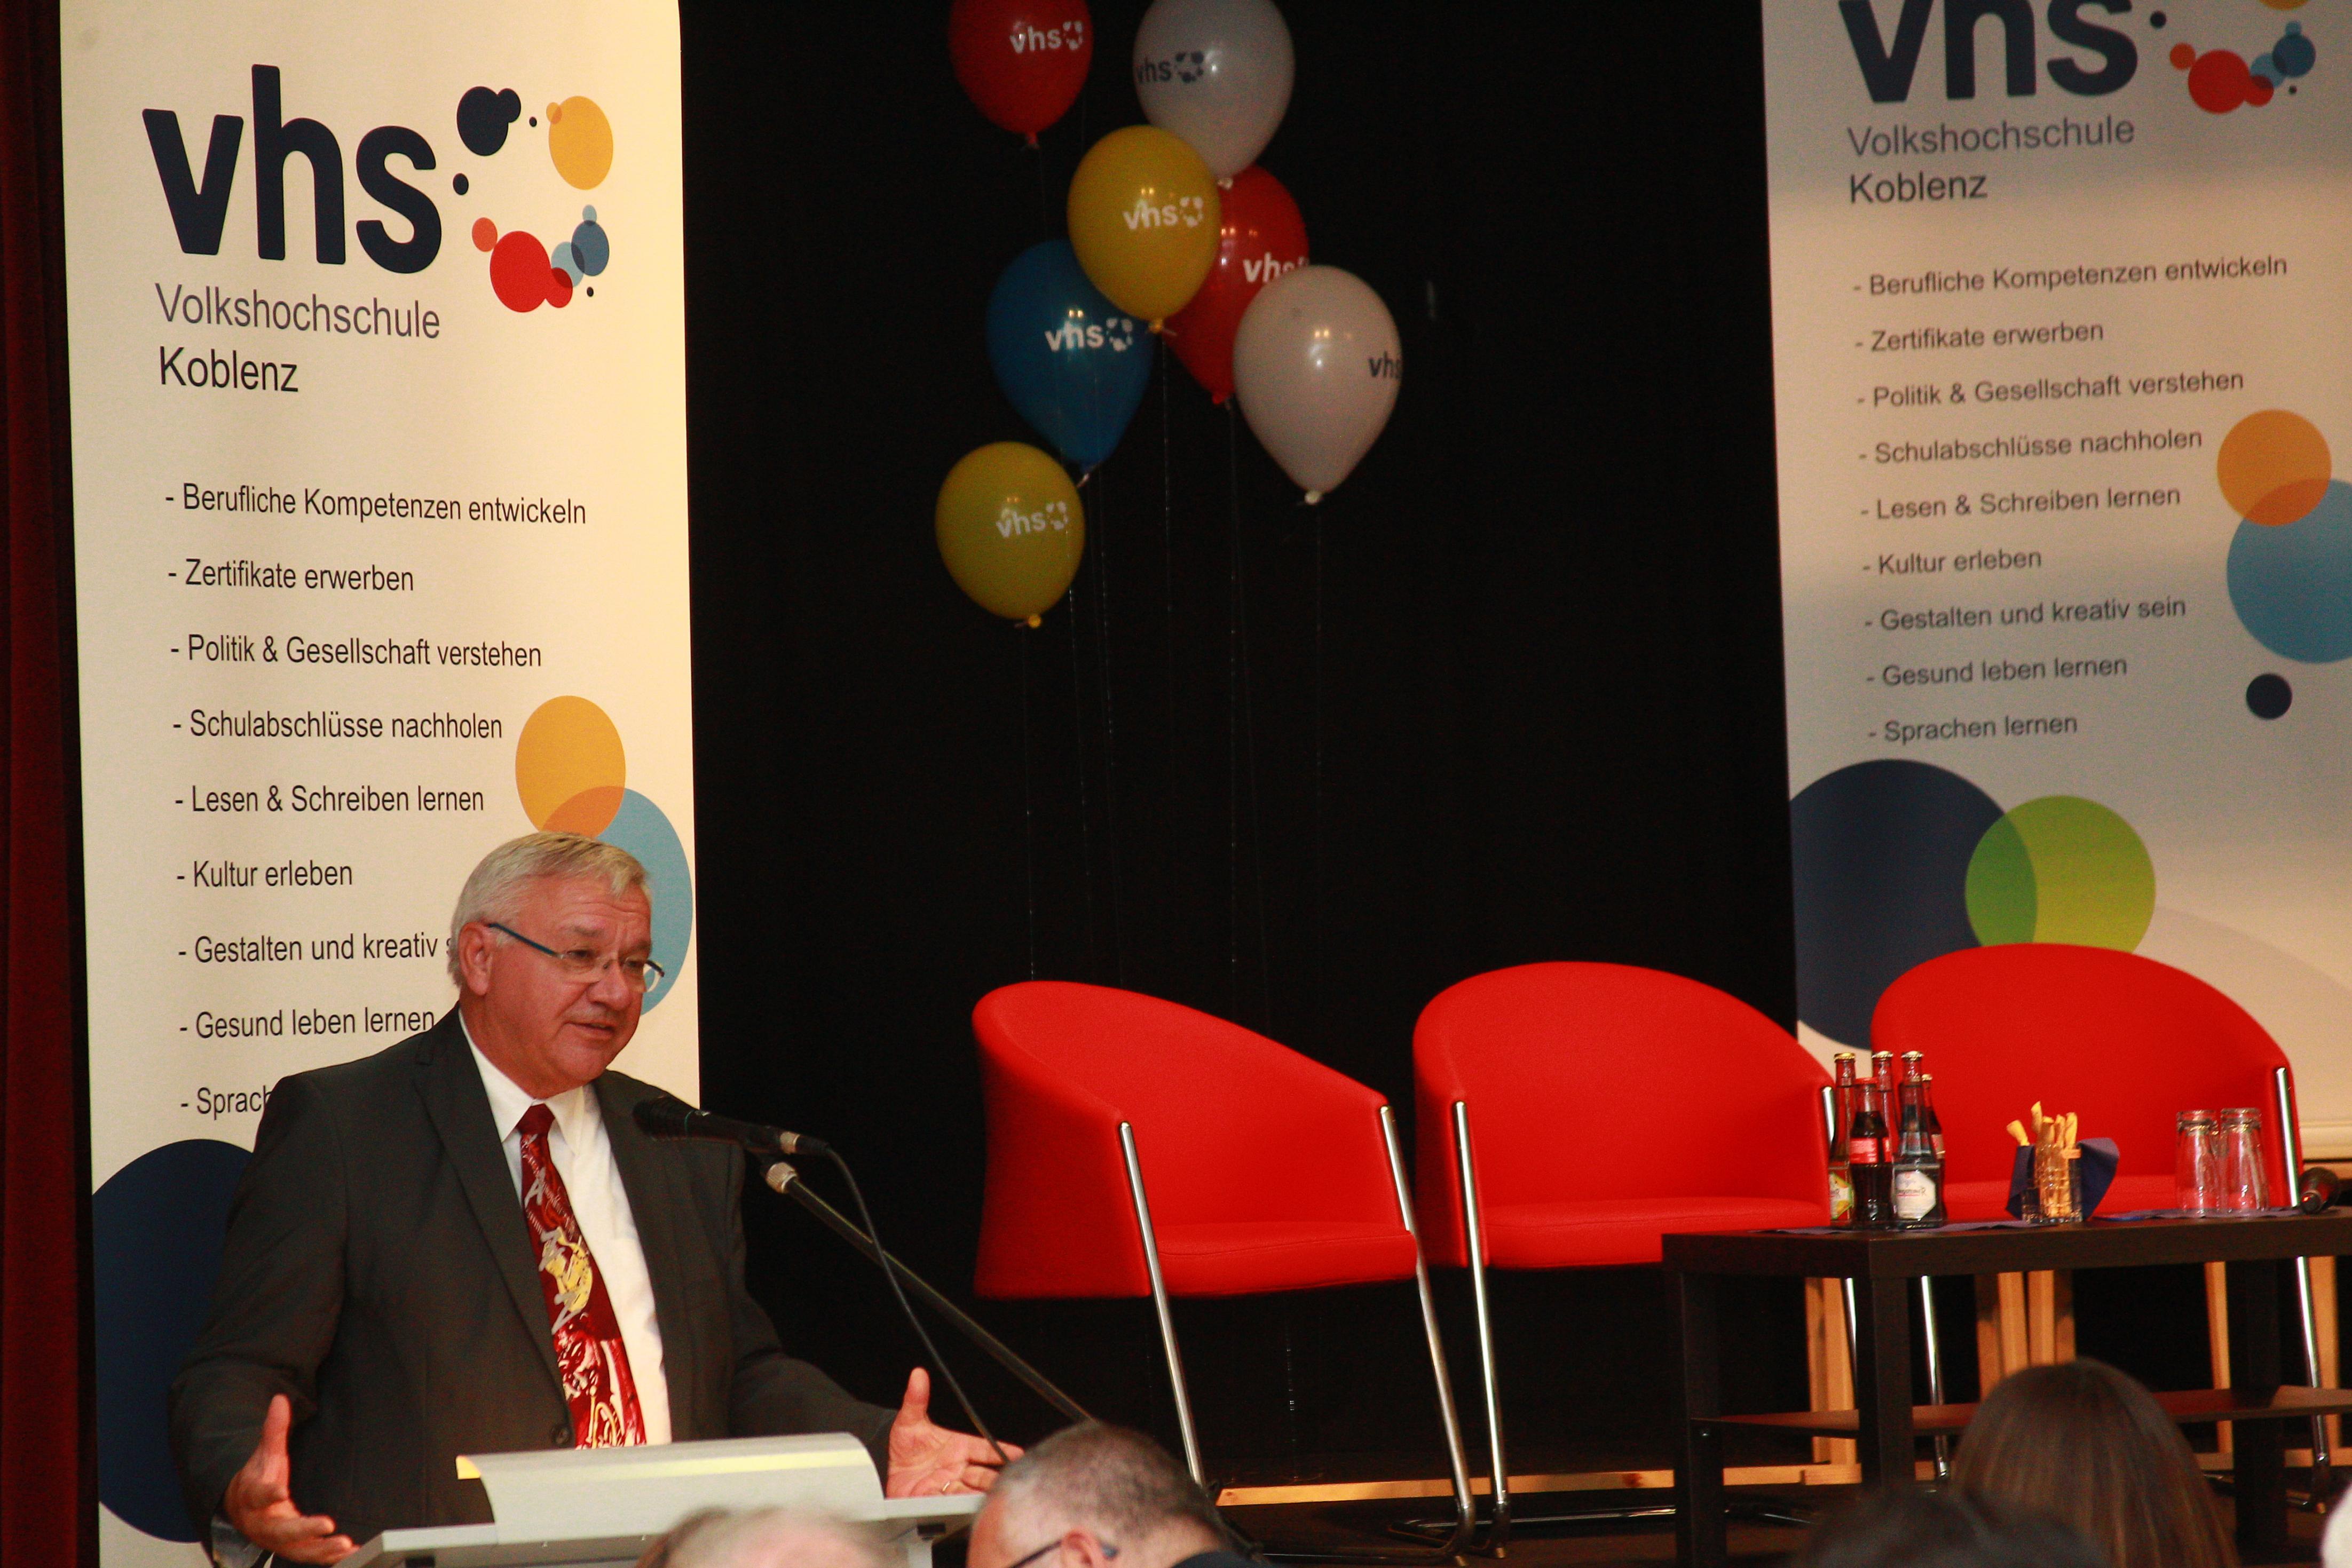 70 jähriges Jubiläum der Volkshochschule   vhs Koblenz